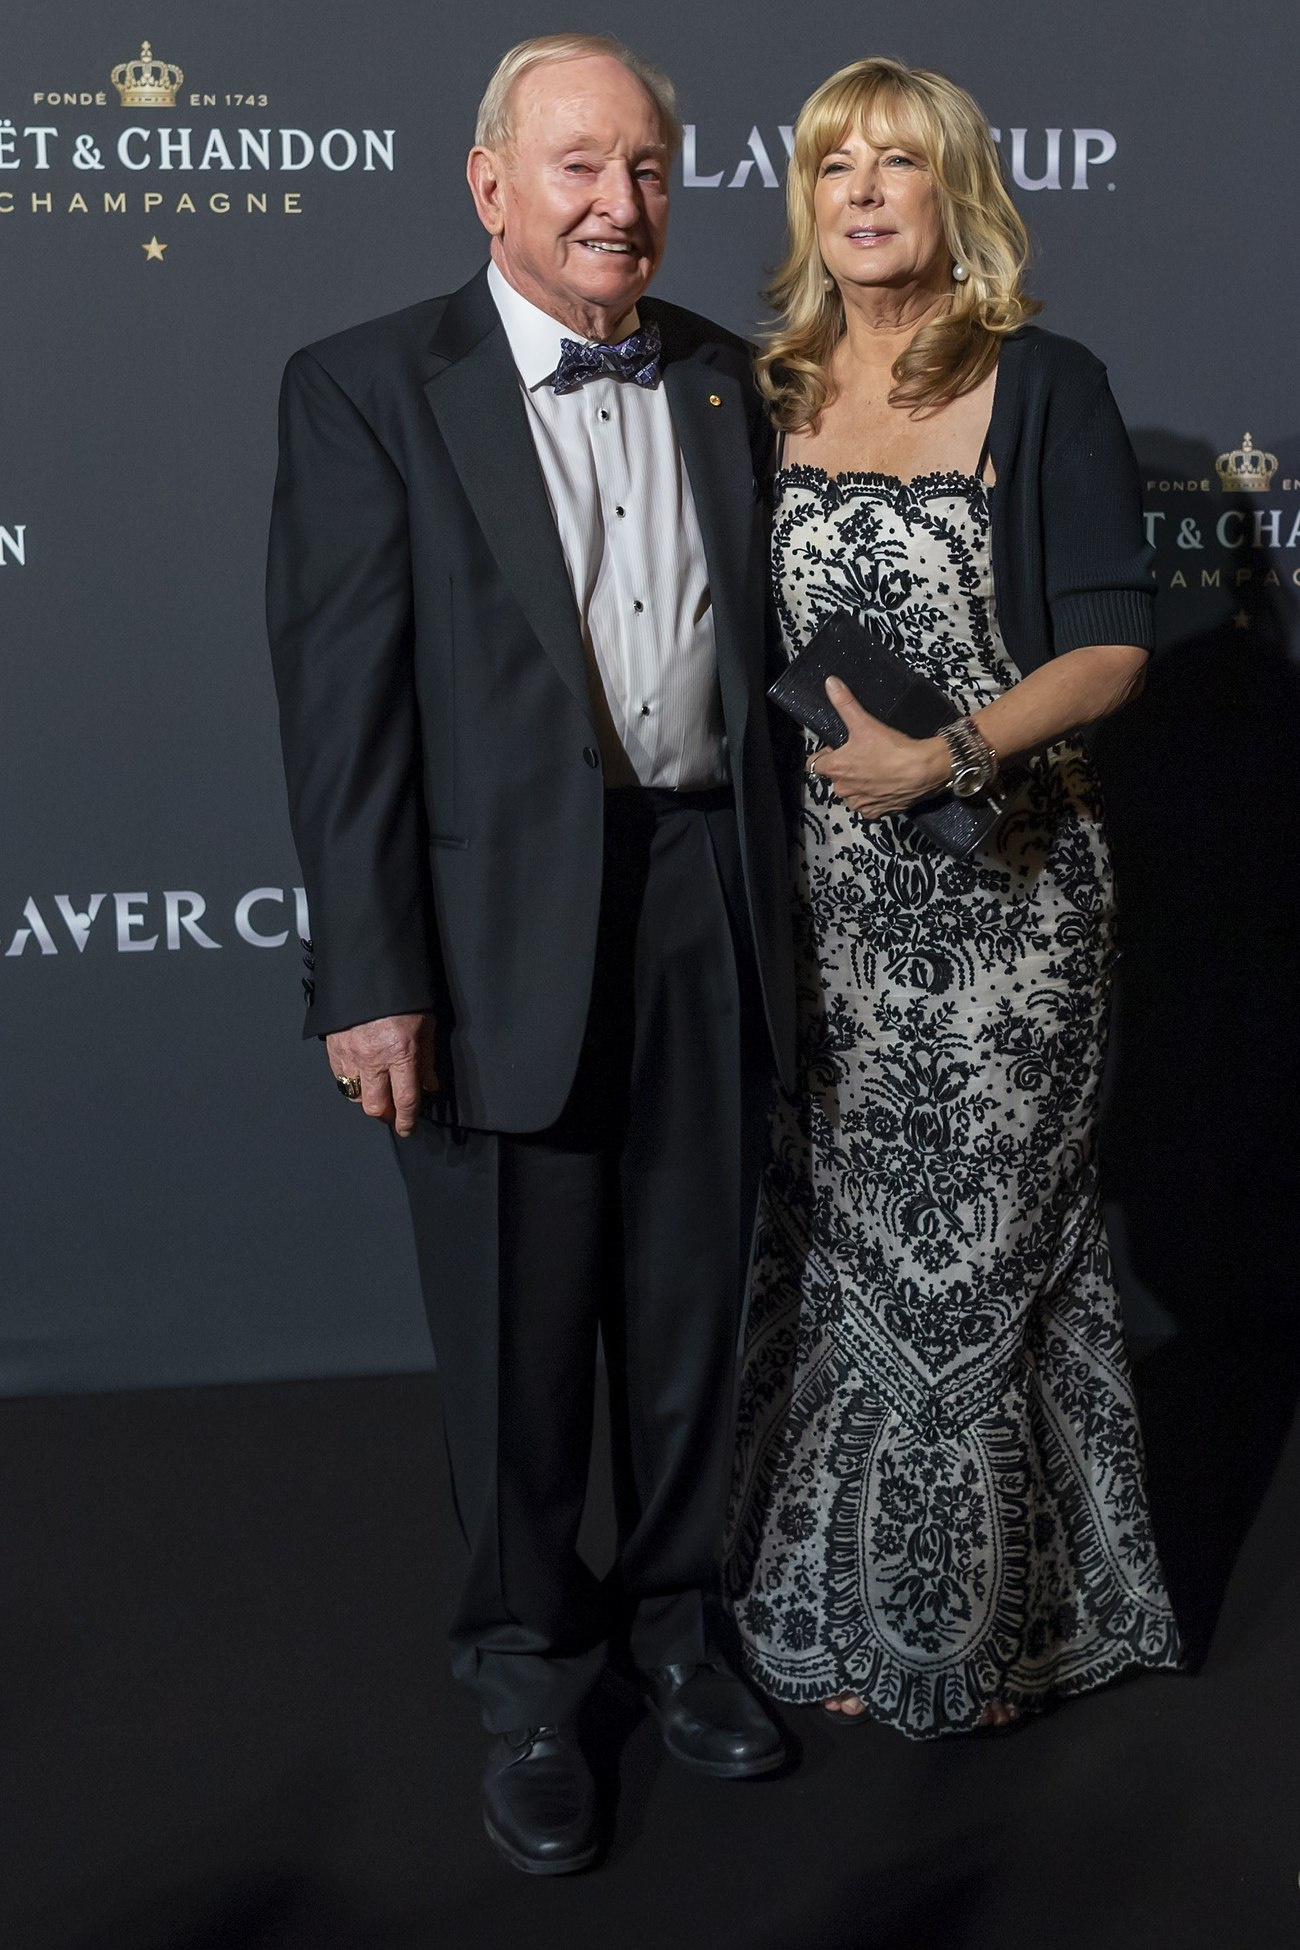 Rod Laver y Susan Johnson en la alfombra roja de la noche de gala de la Laver Cup en Ginebra.